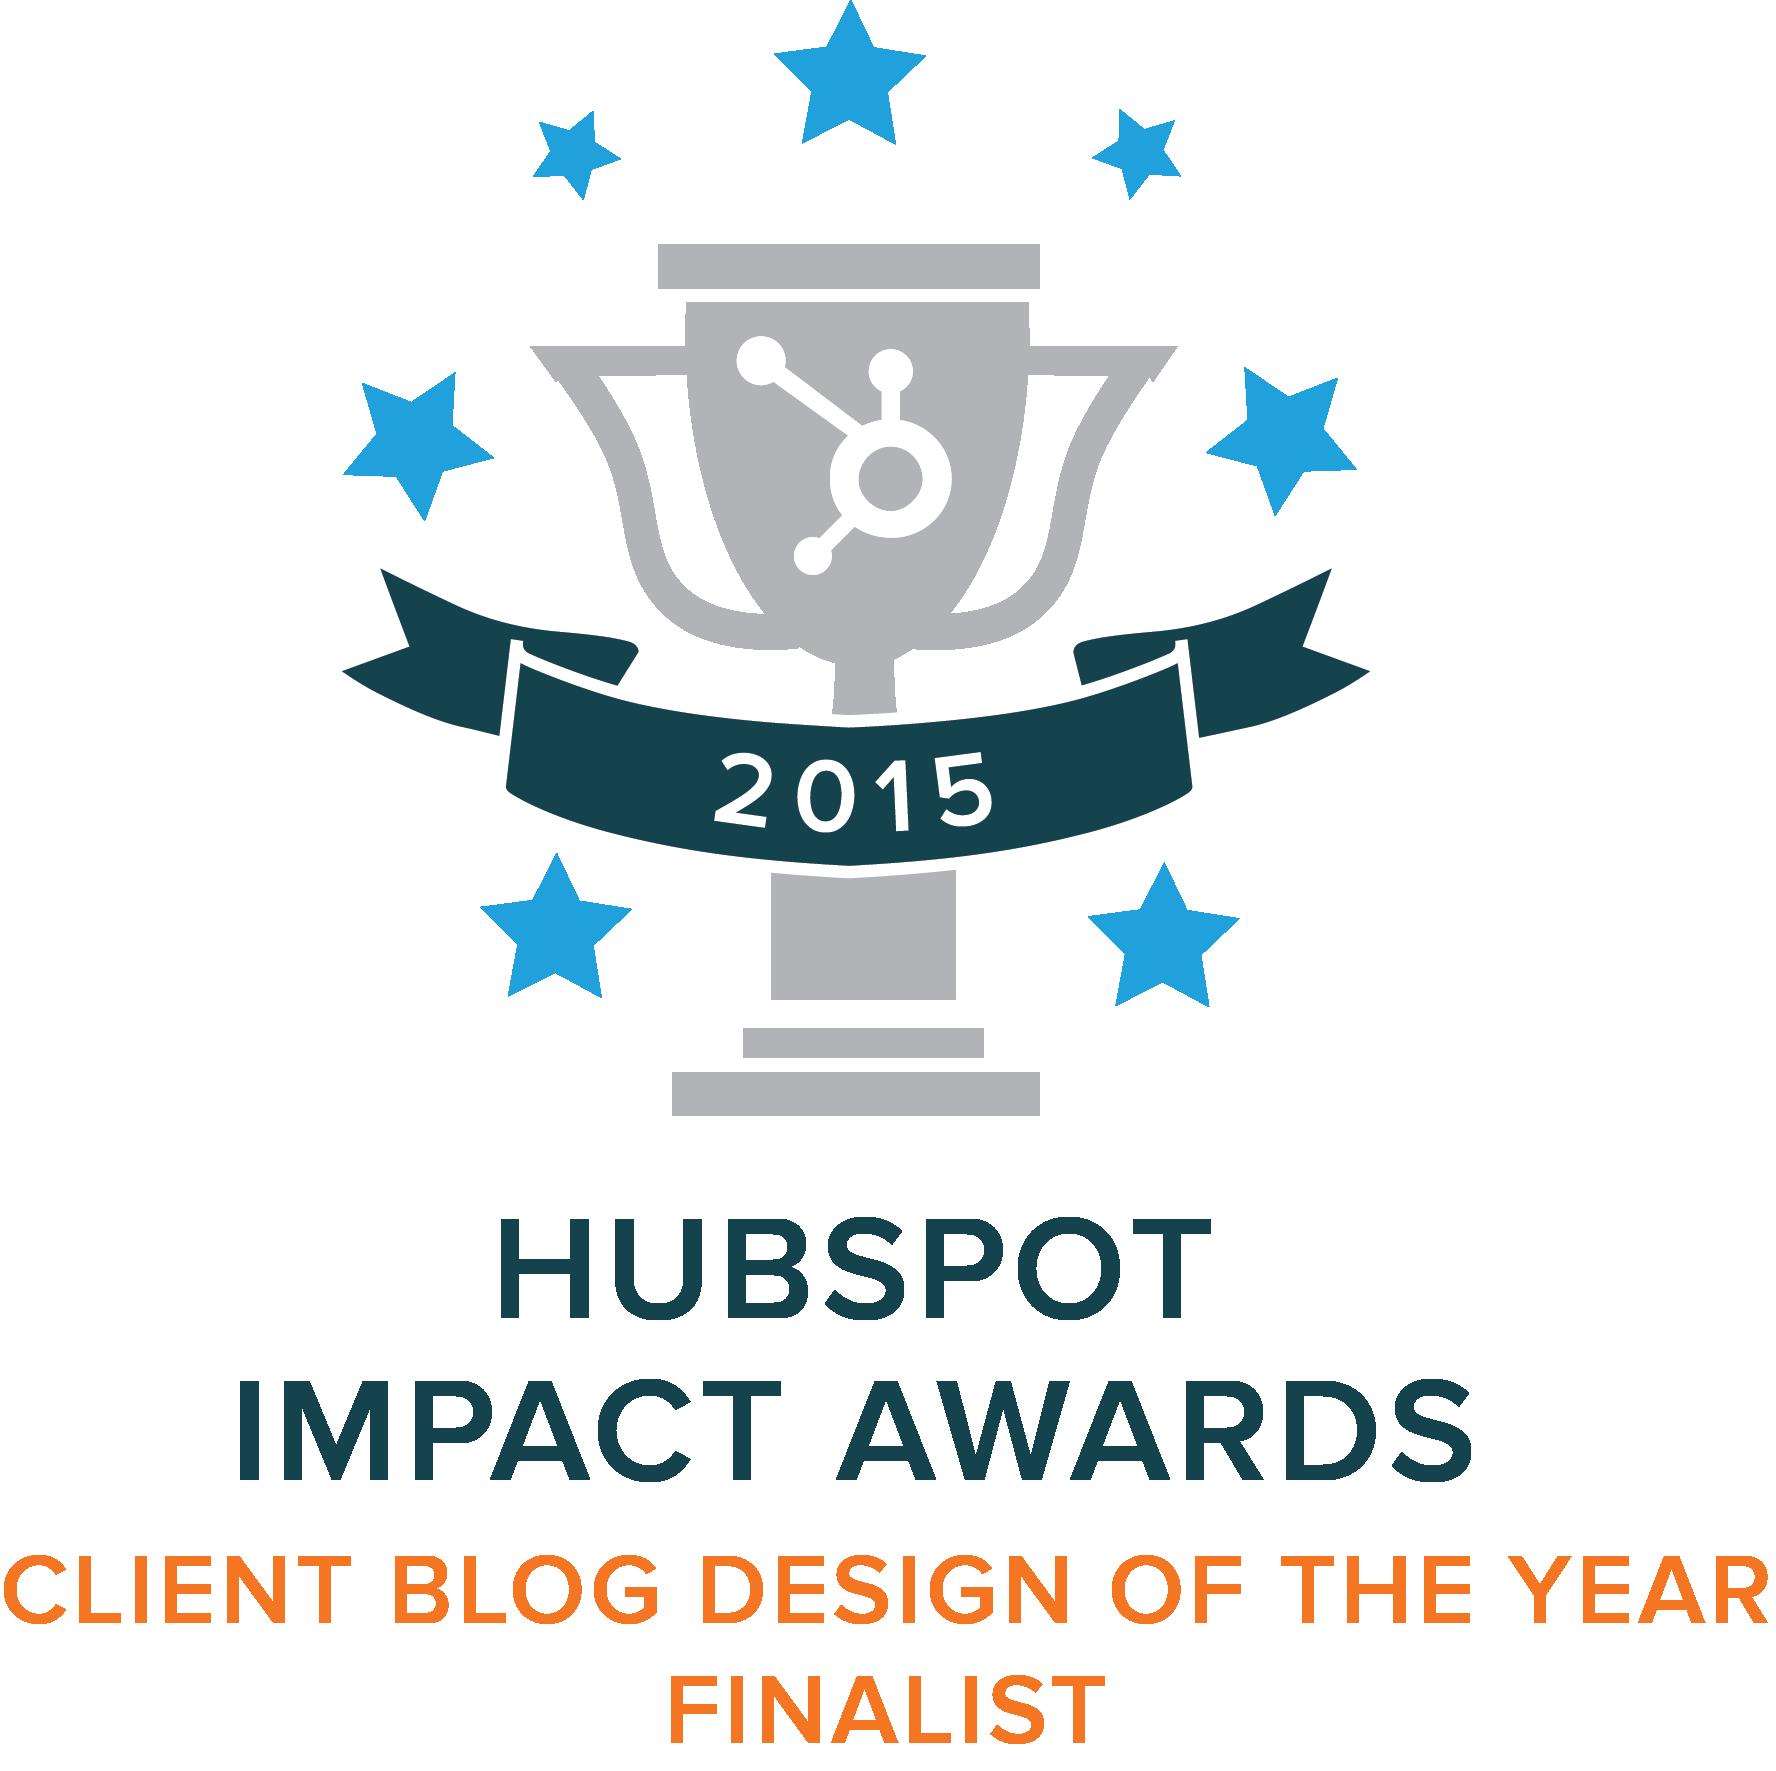 blog-design-finalist.png